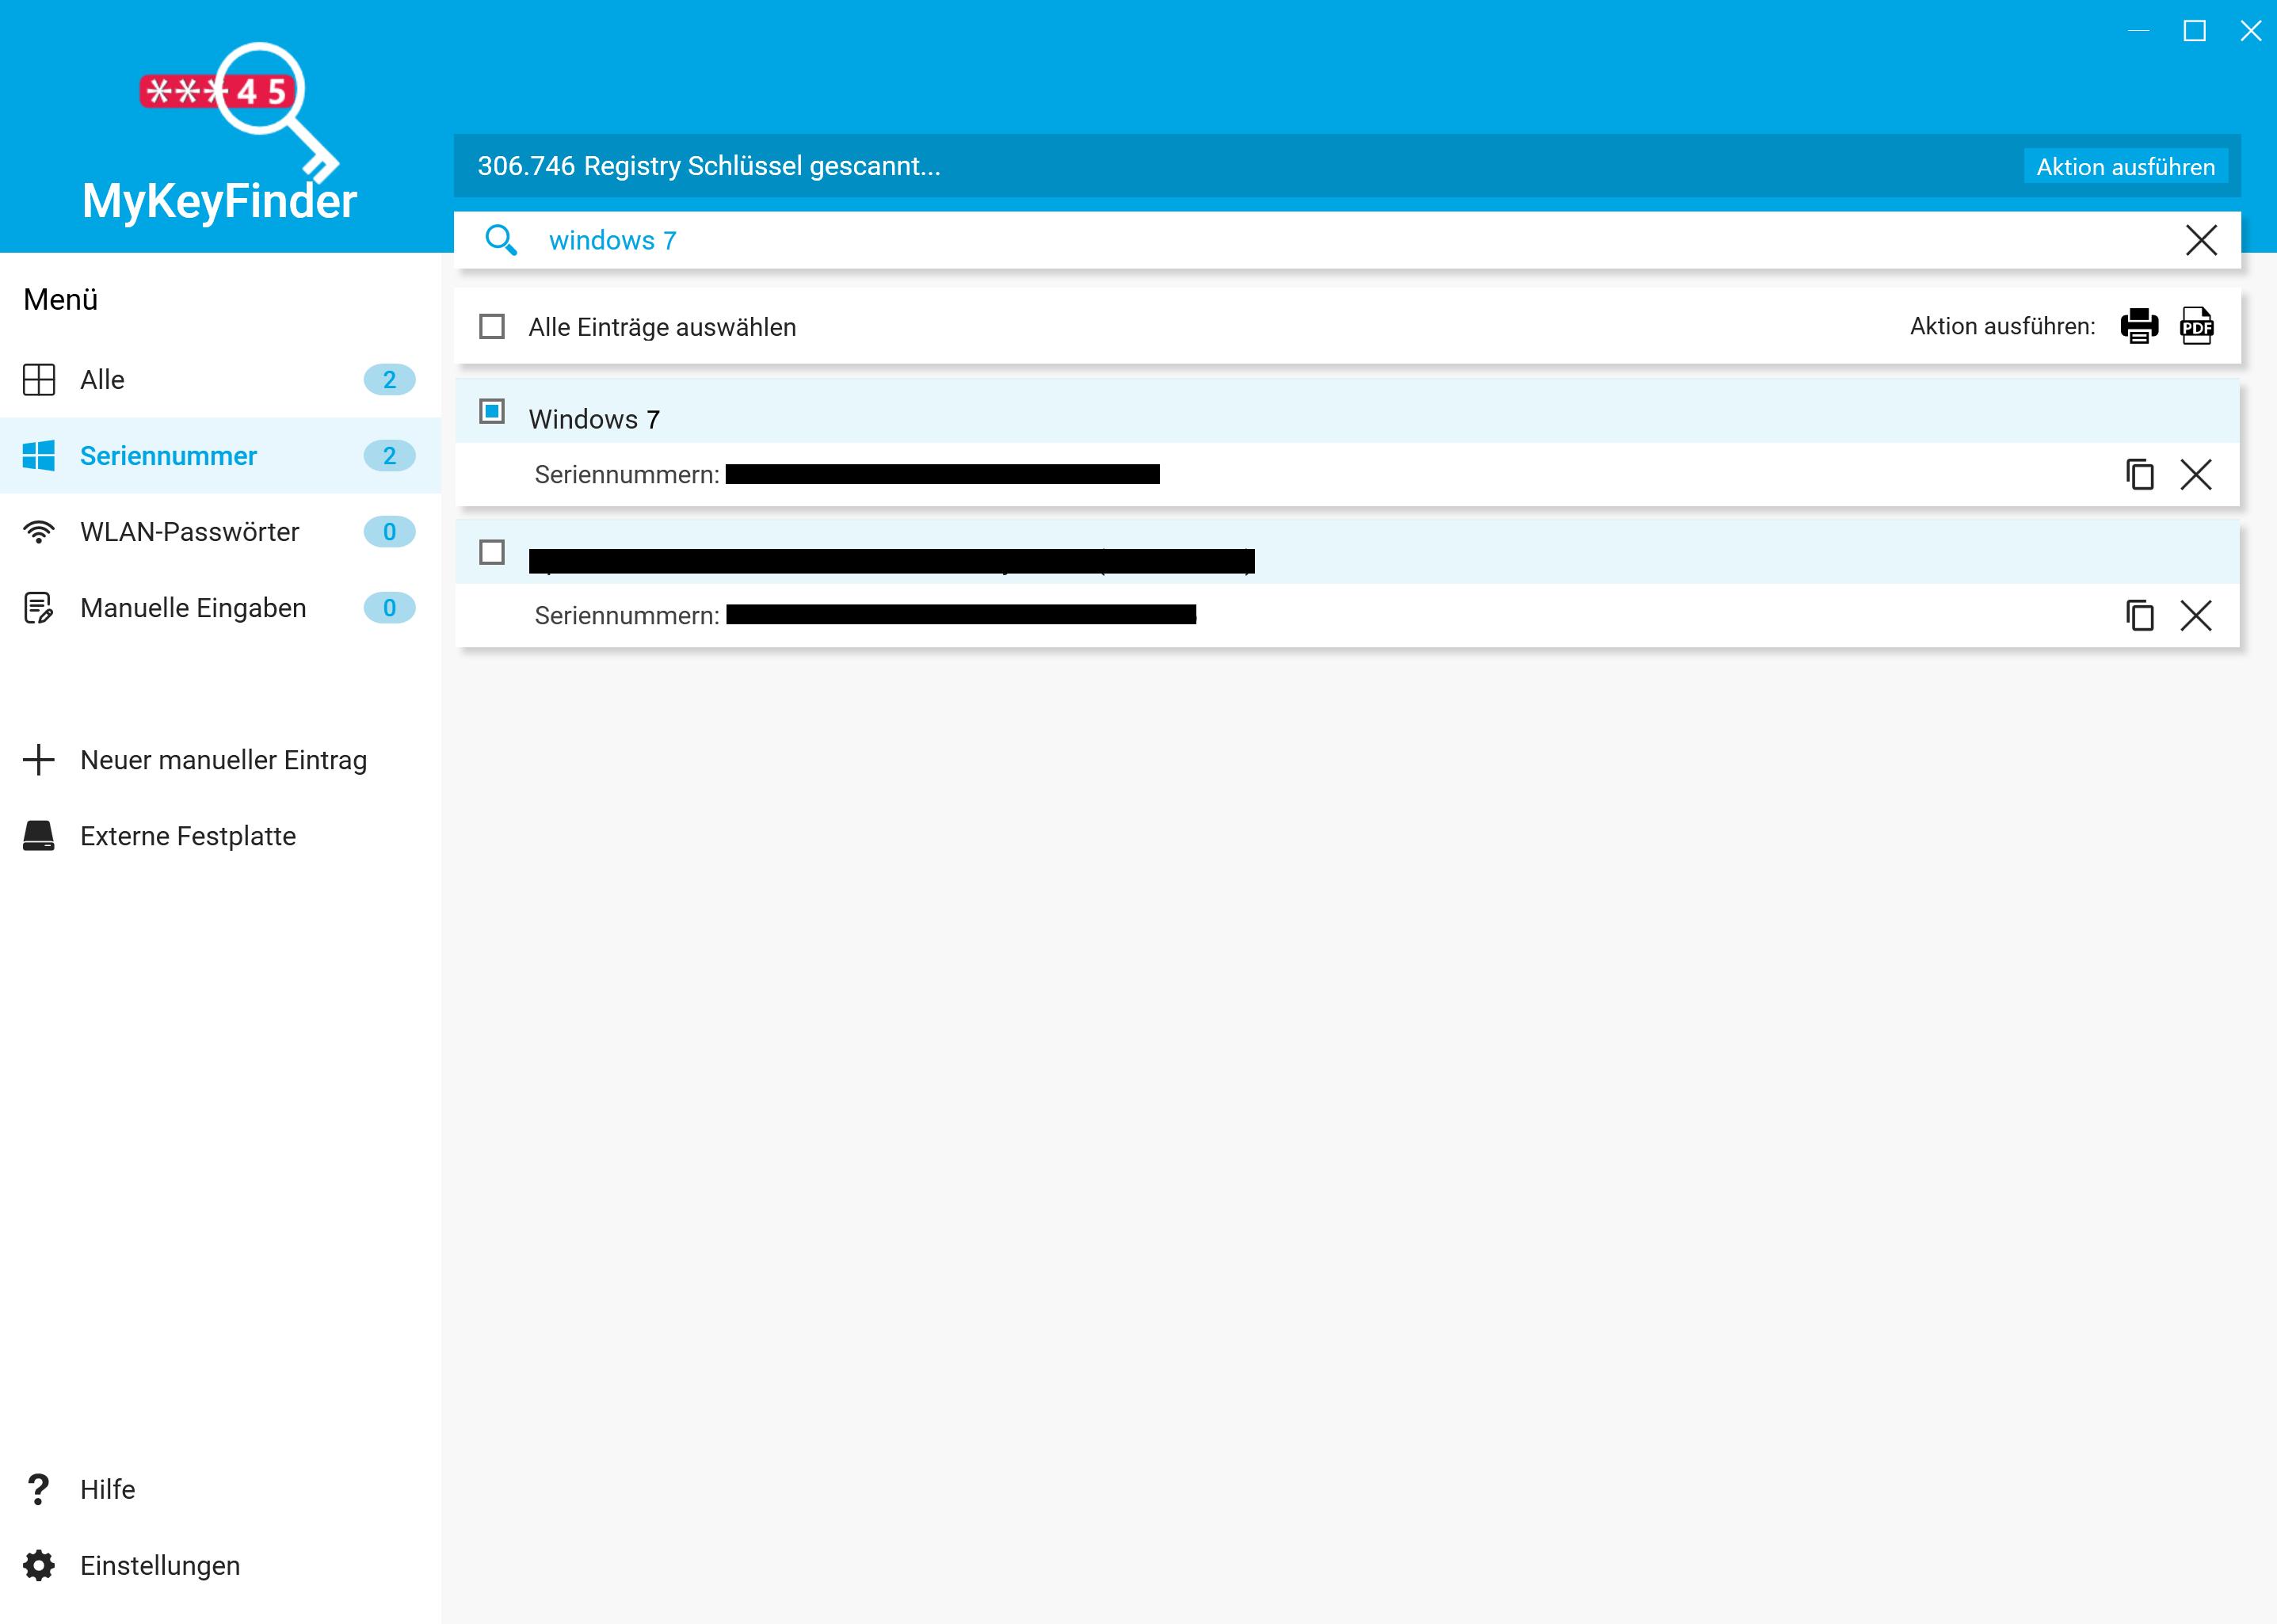 Windows 7 Key auslesen und herausfinden - Schlüssel auswählen